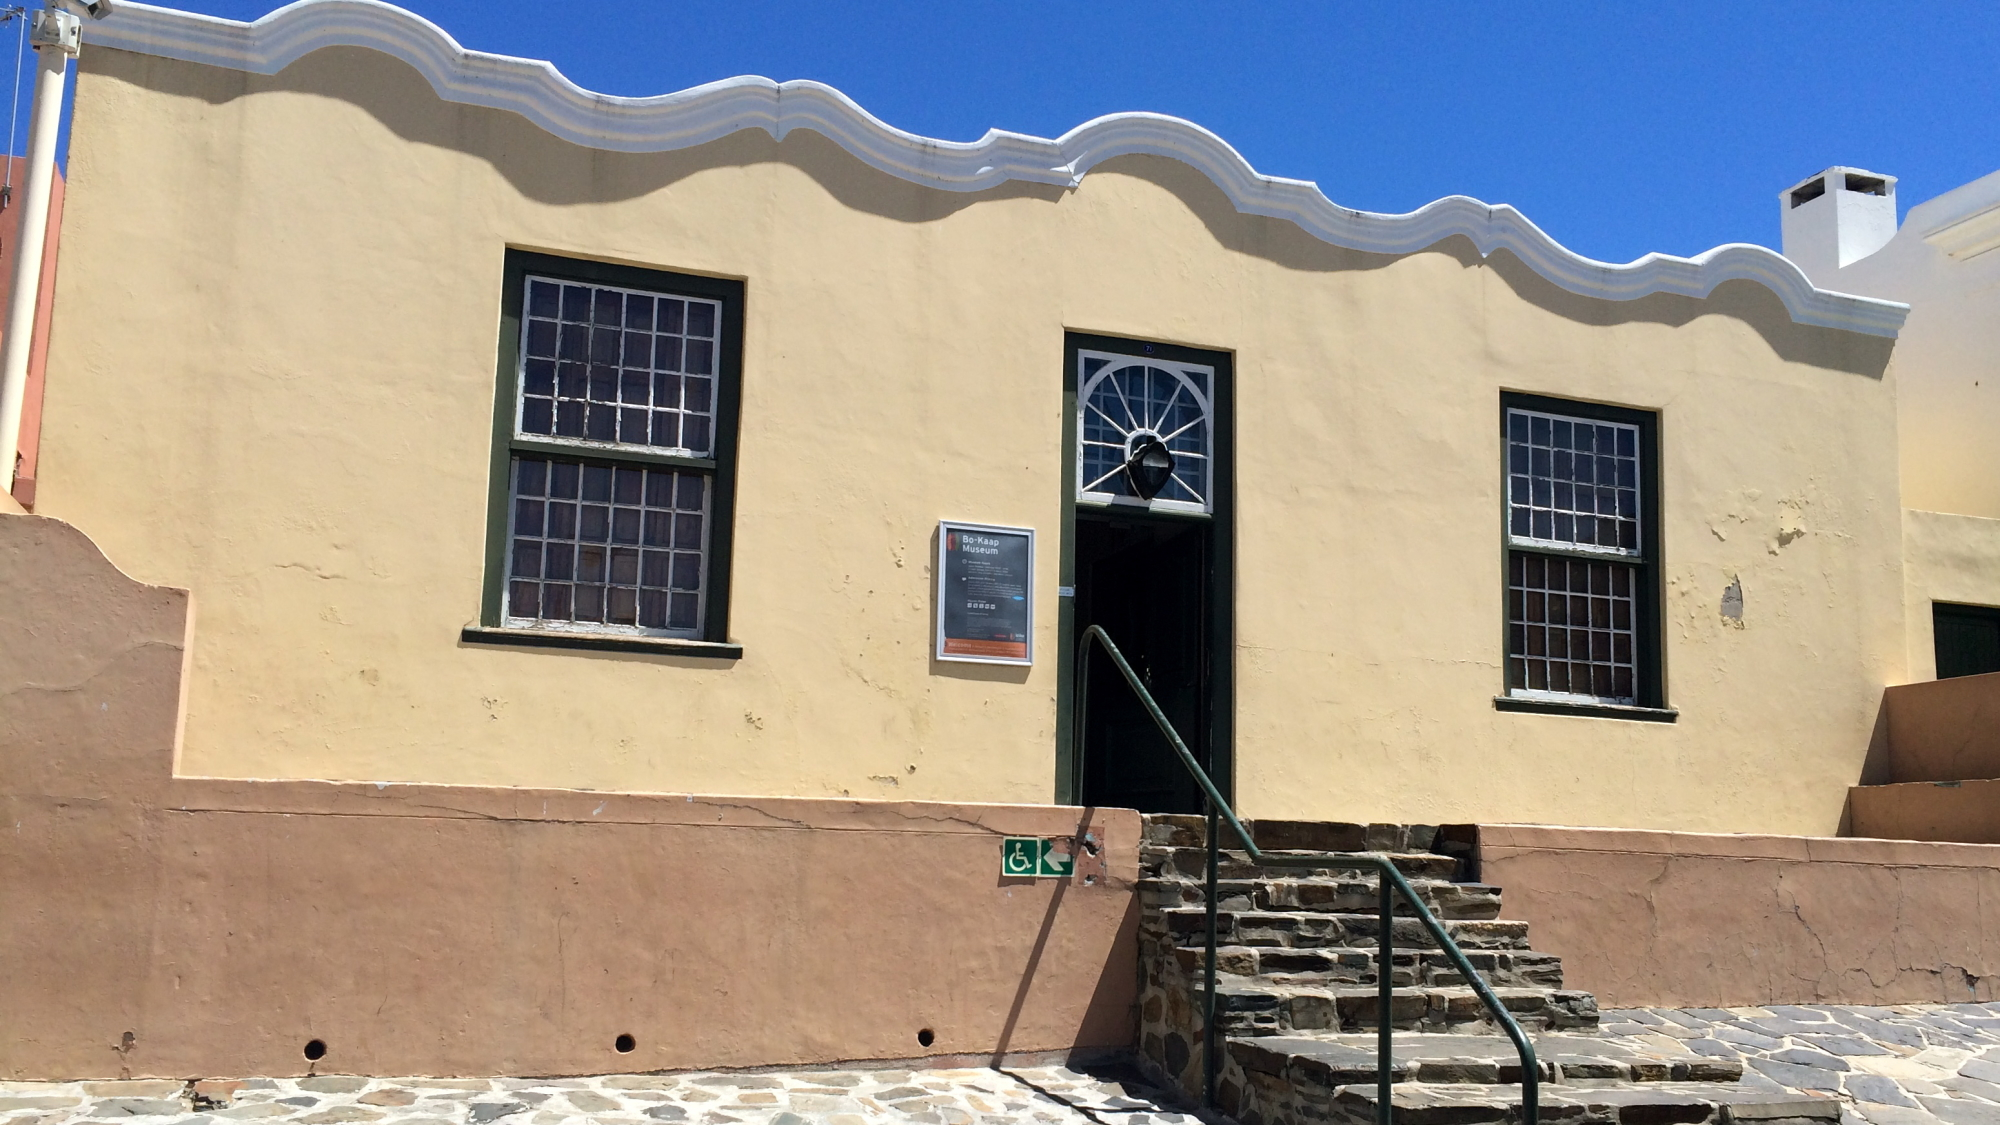 bo-kaap-museum-kaapstad-zuid-afrika